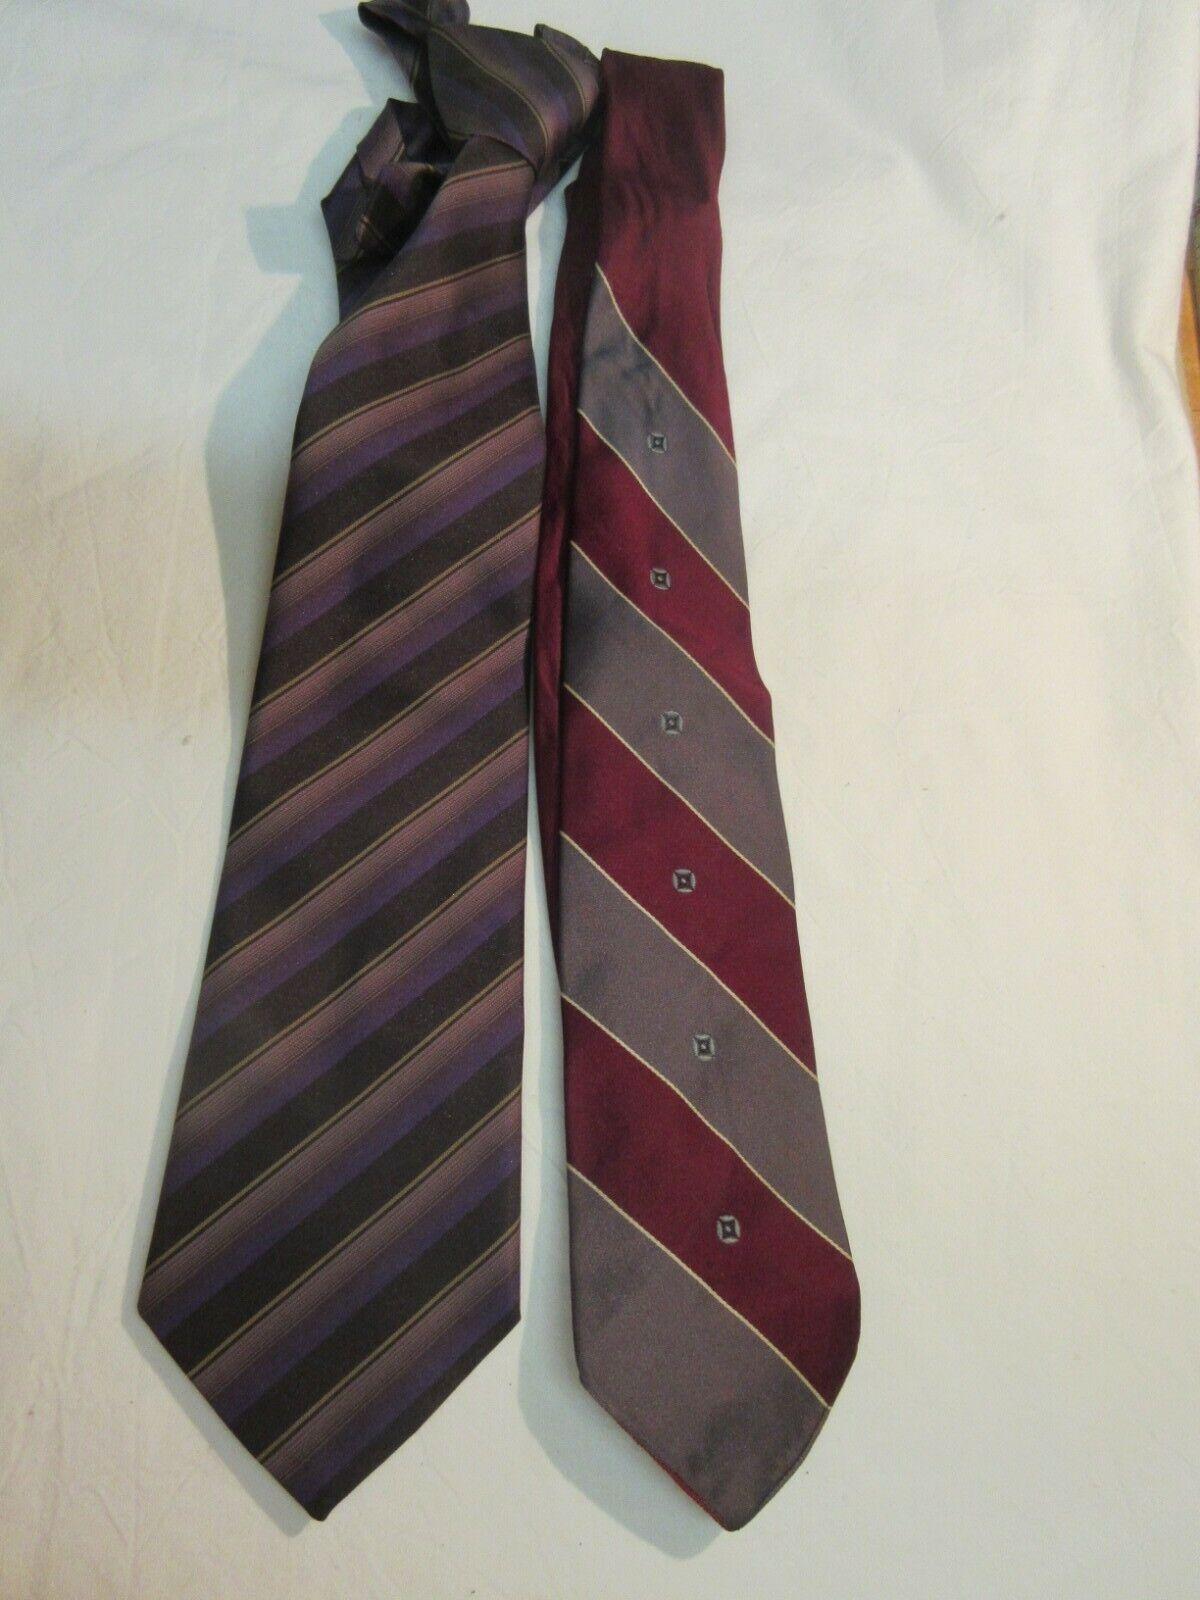 2 elegante gestreifte Krawatten von Adriano und Rhodiafil